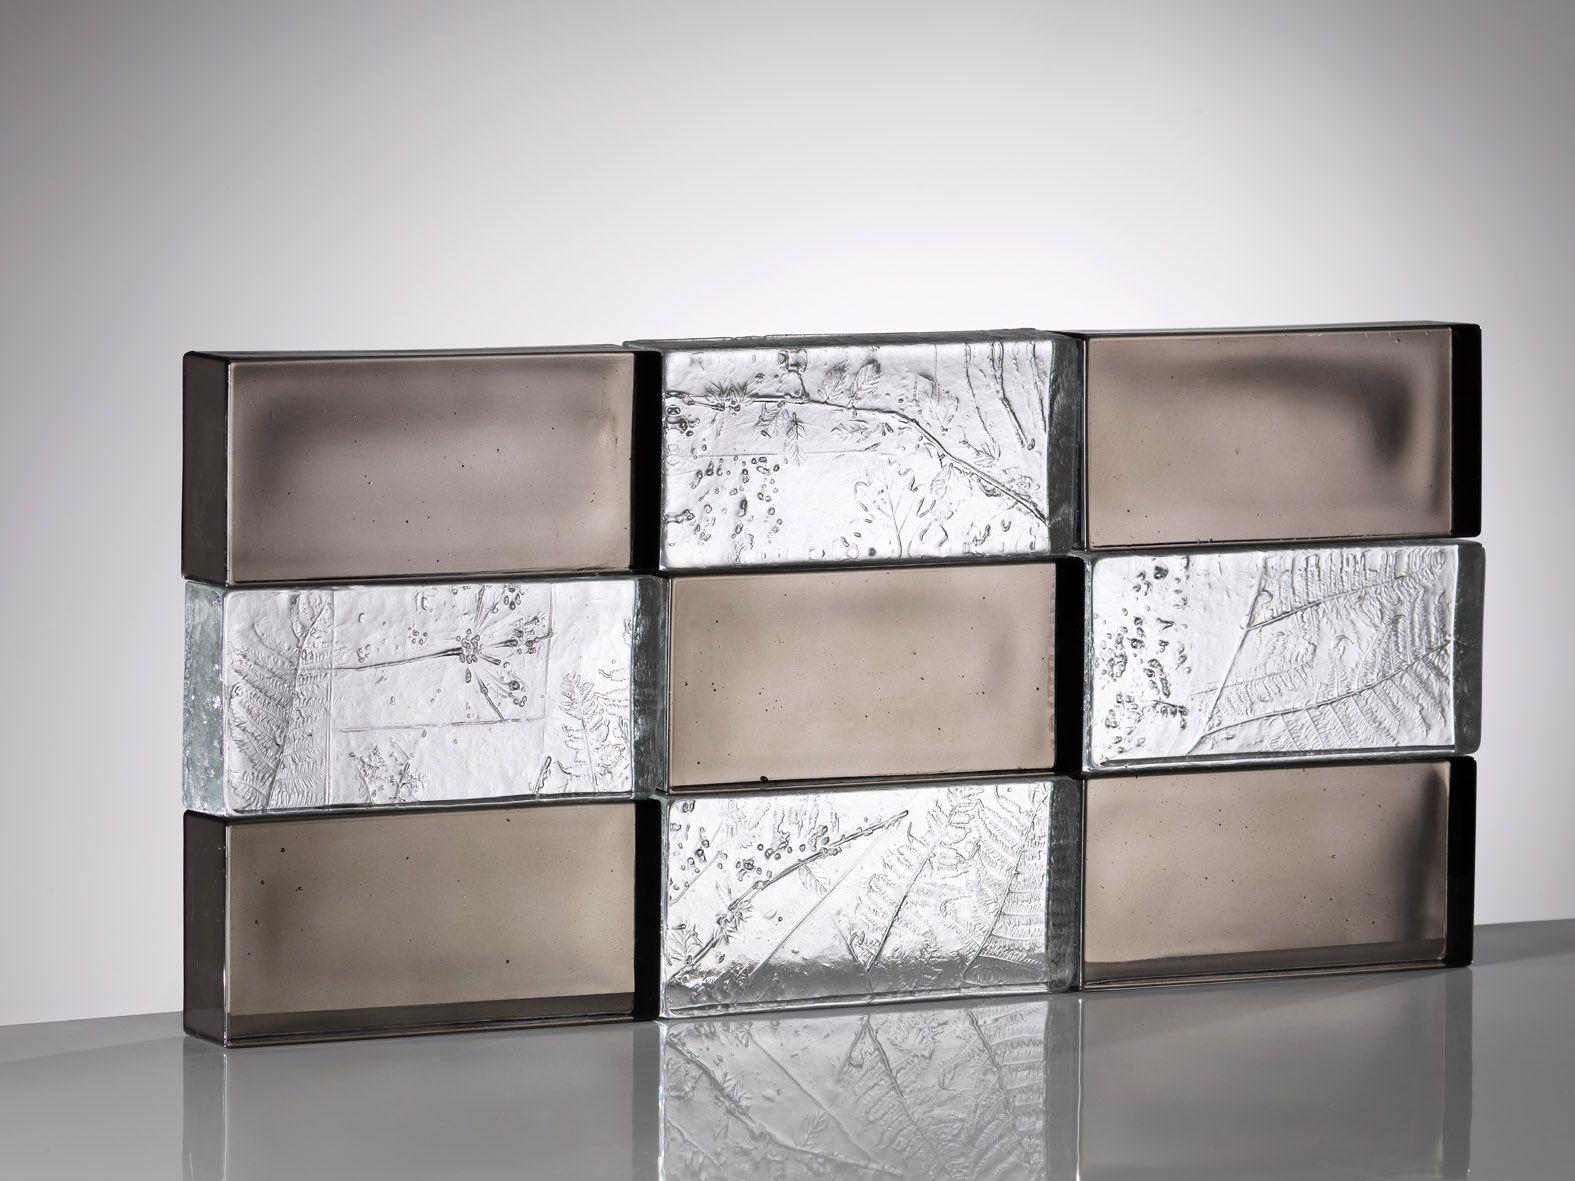 wunderbar bilder glasbausteine modern ideen. Black Bedroom Furniture Sets. Home Design Ideas